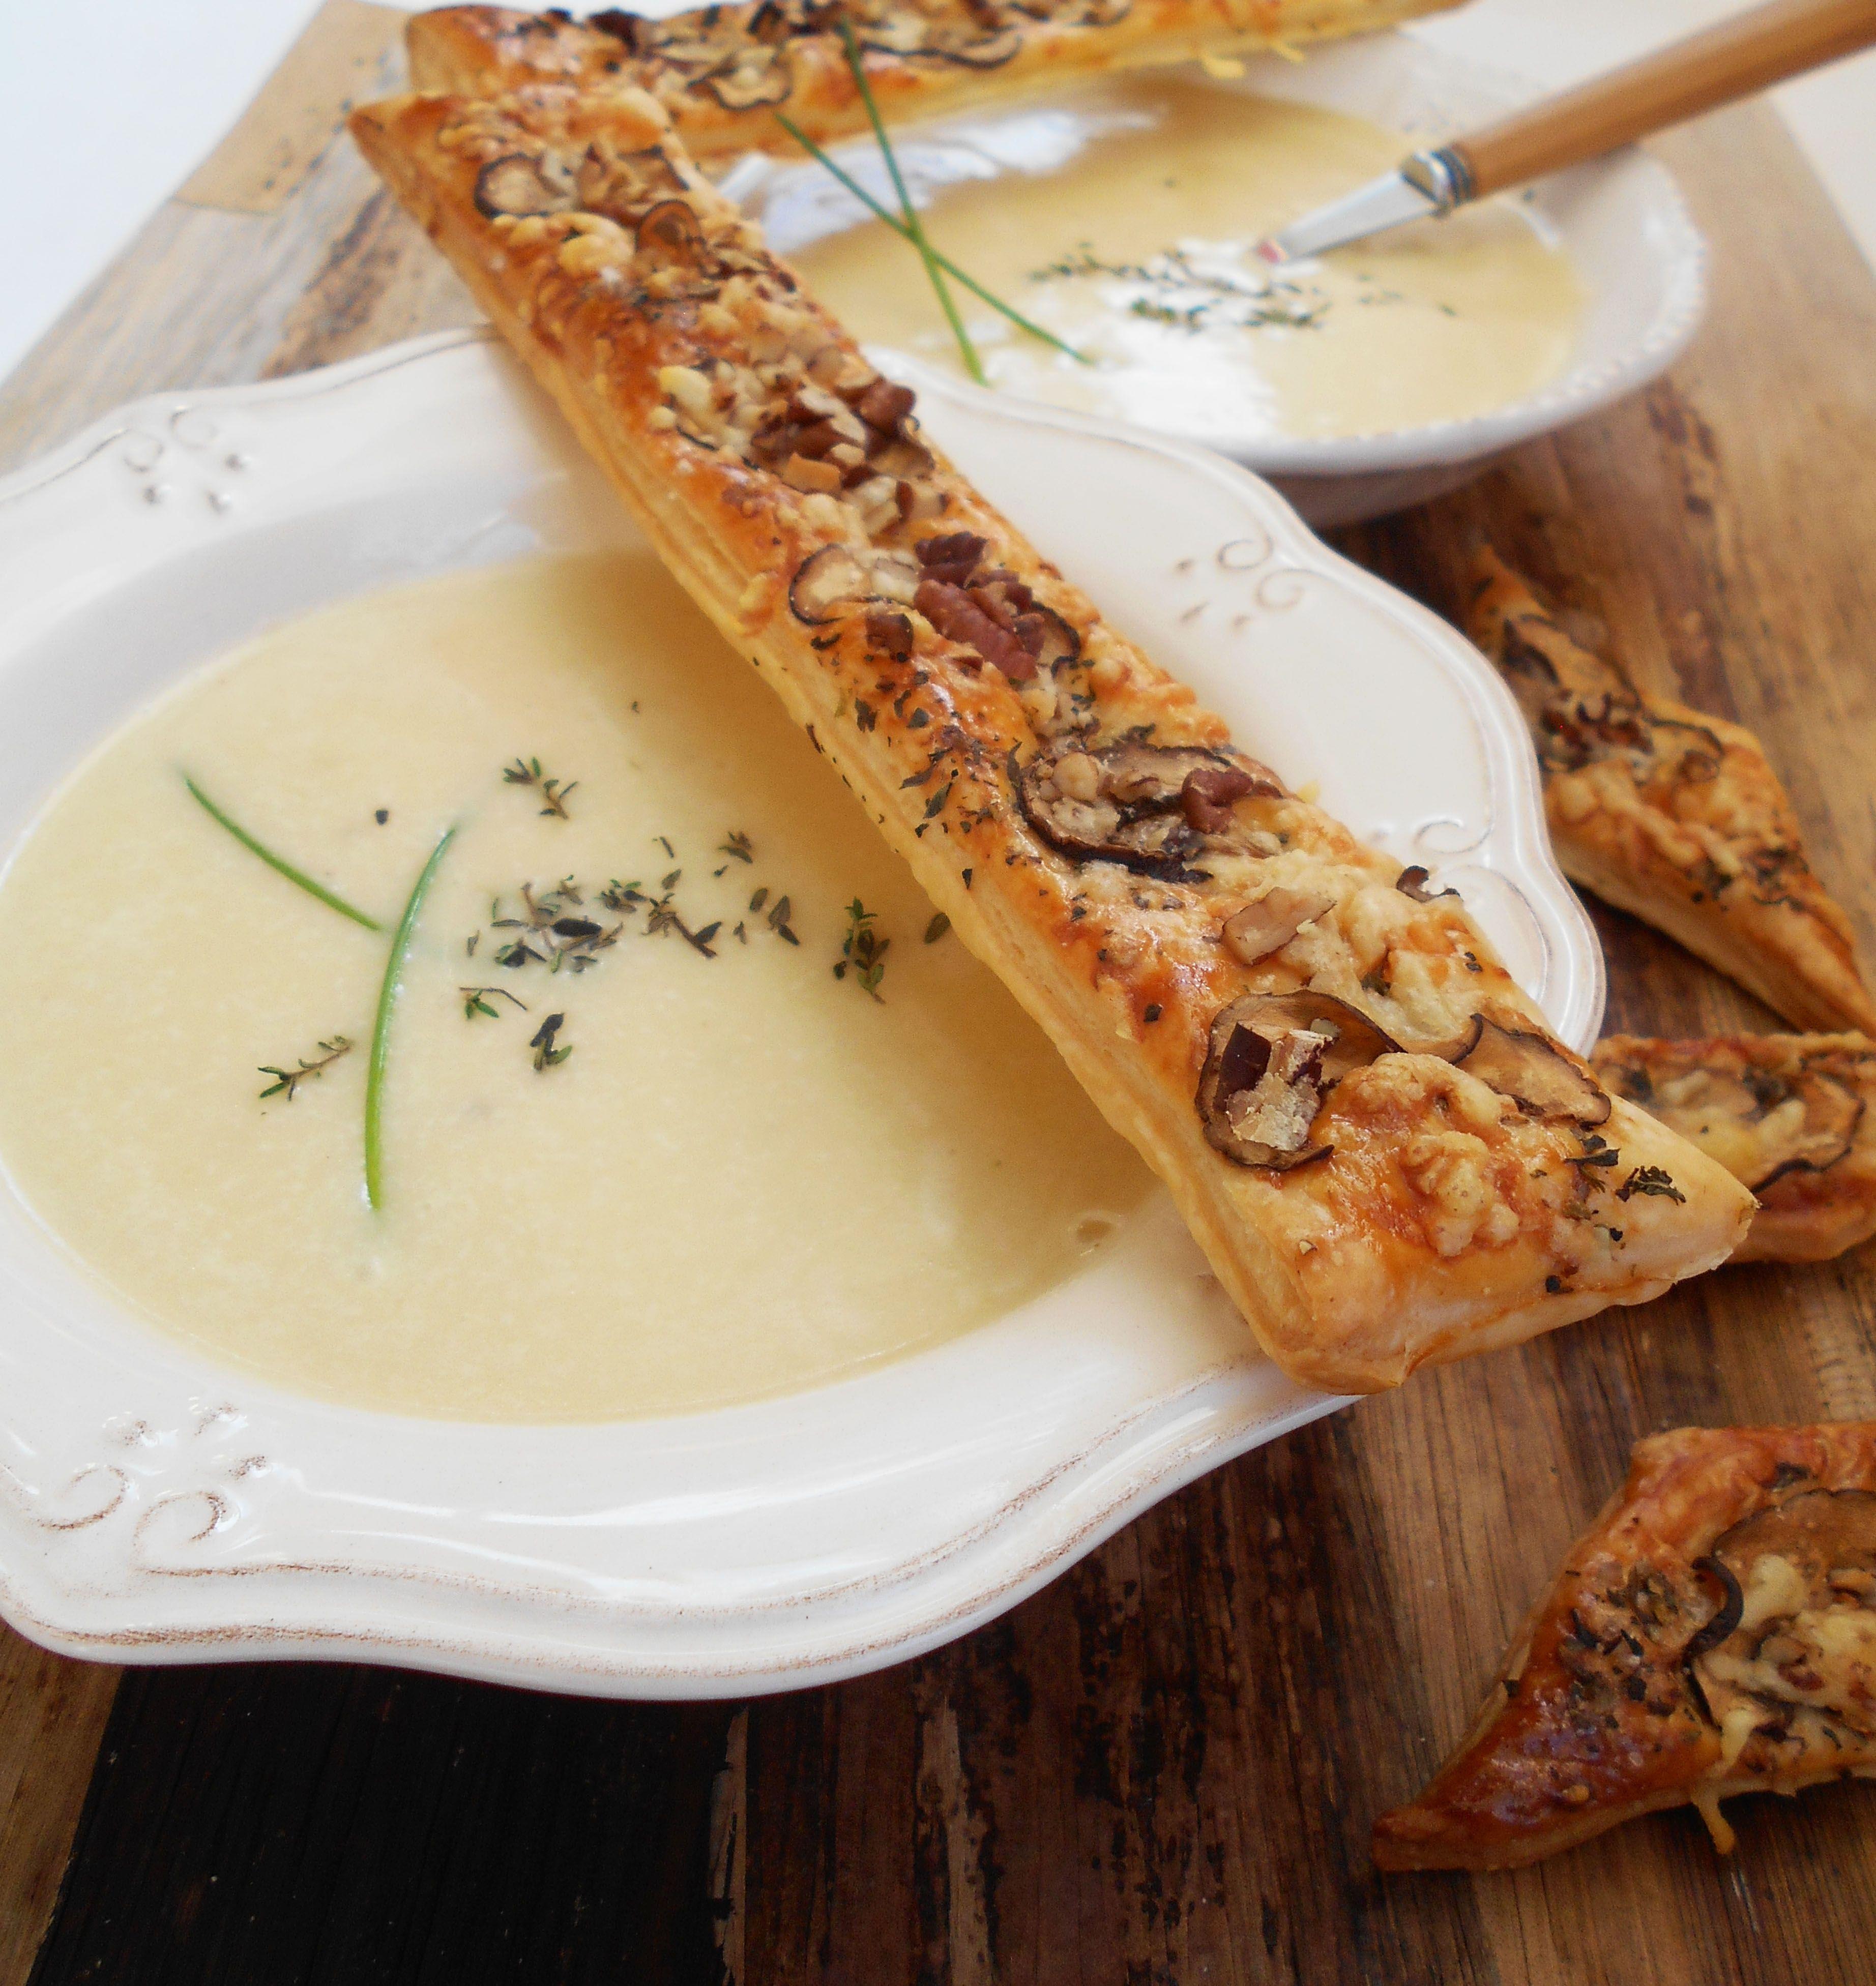 Diese cremige Suppe wärmt Leib und Seele! <3 Jetzt im Herbst löffel ich ja für mein Leben gerne Suppen! Von mir aus könnt es jeden Tag so ein warmes Süppchen geben. Ja ok, da hat dann mein Liebs…